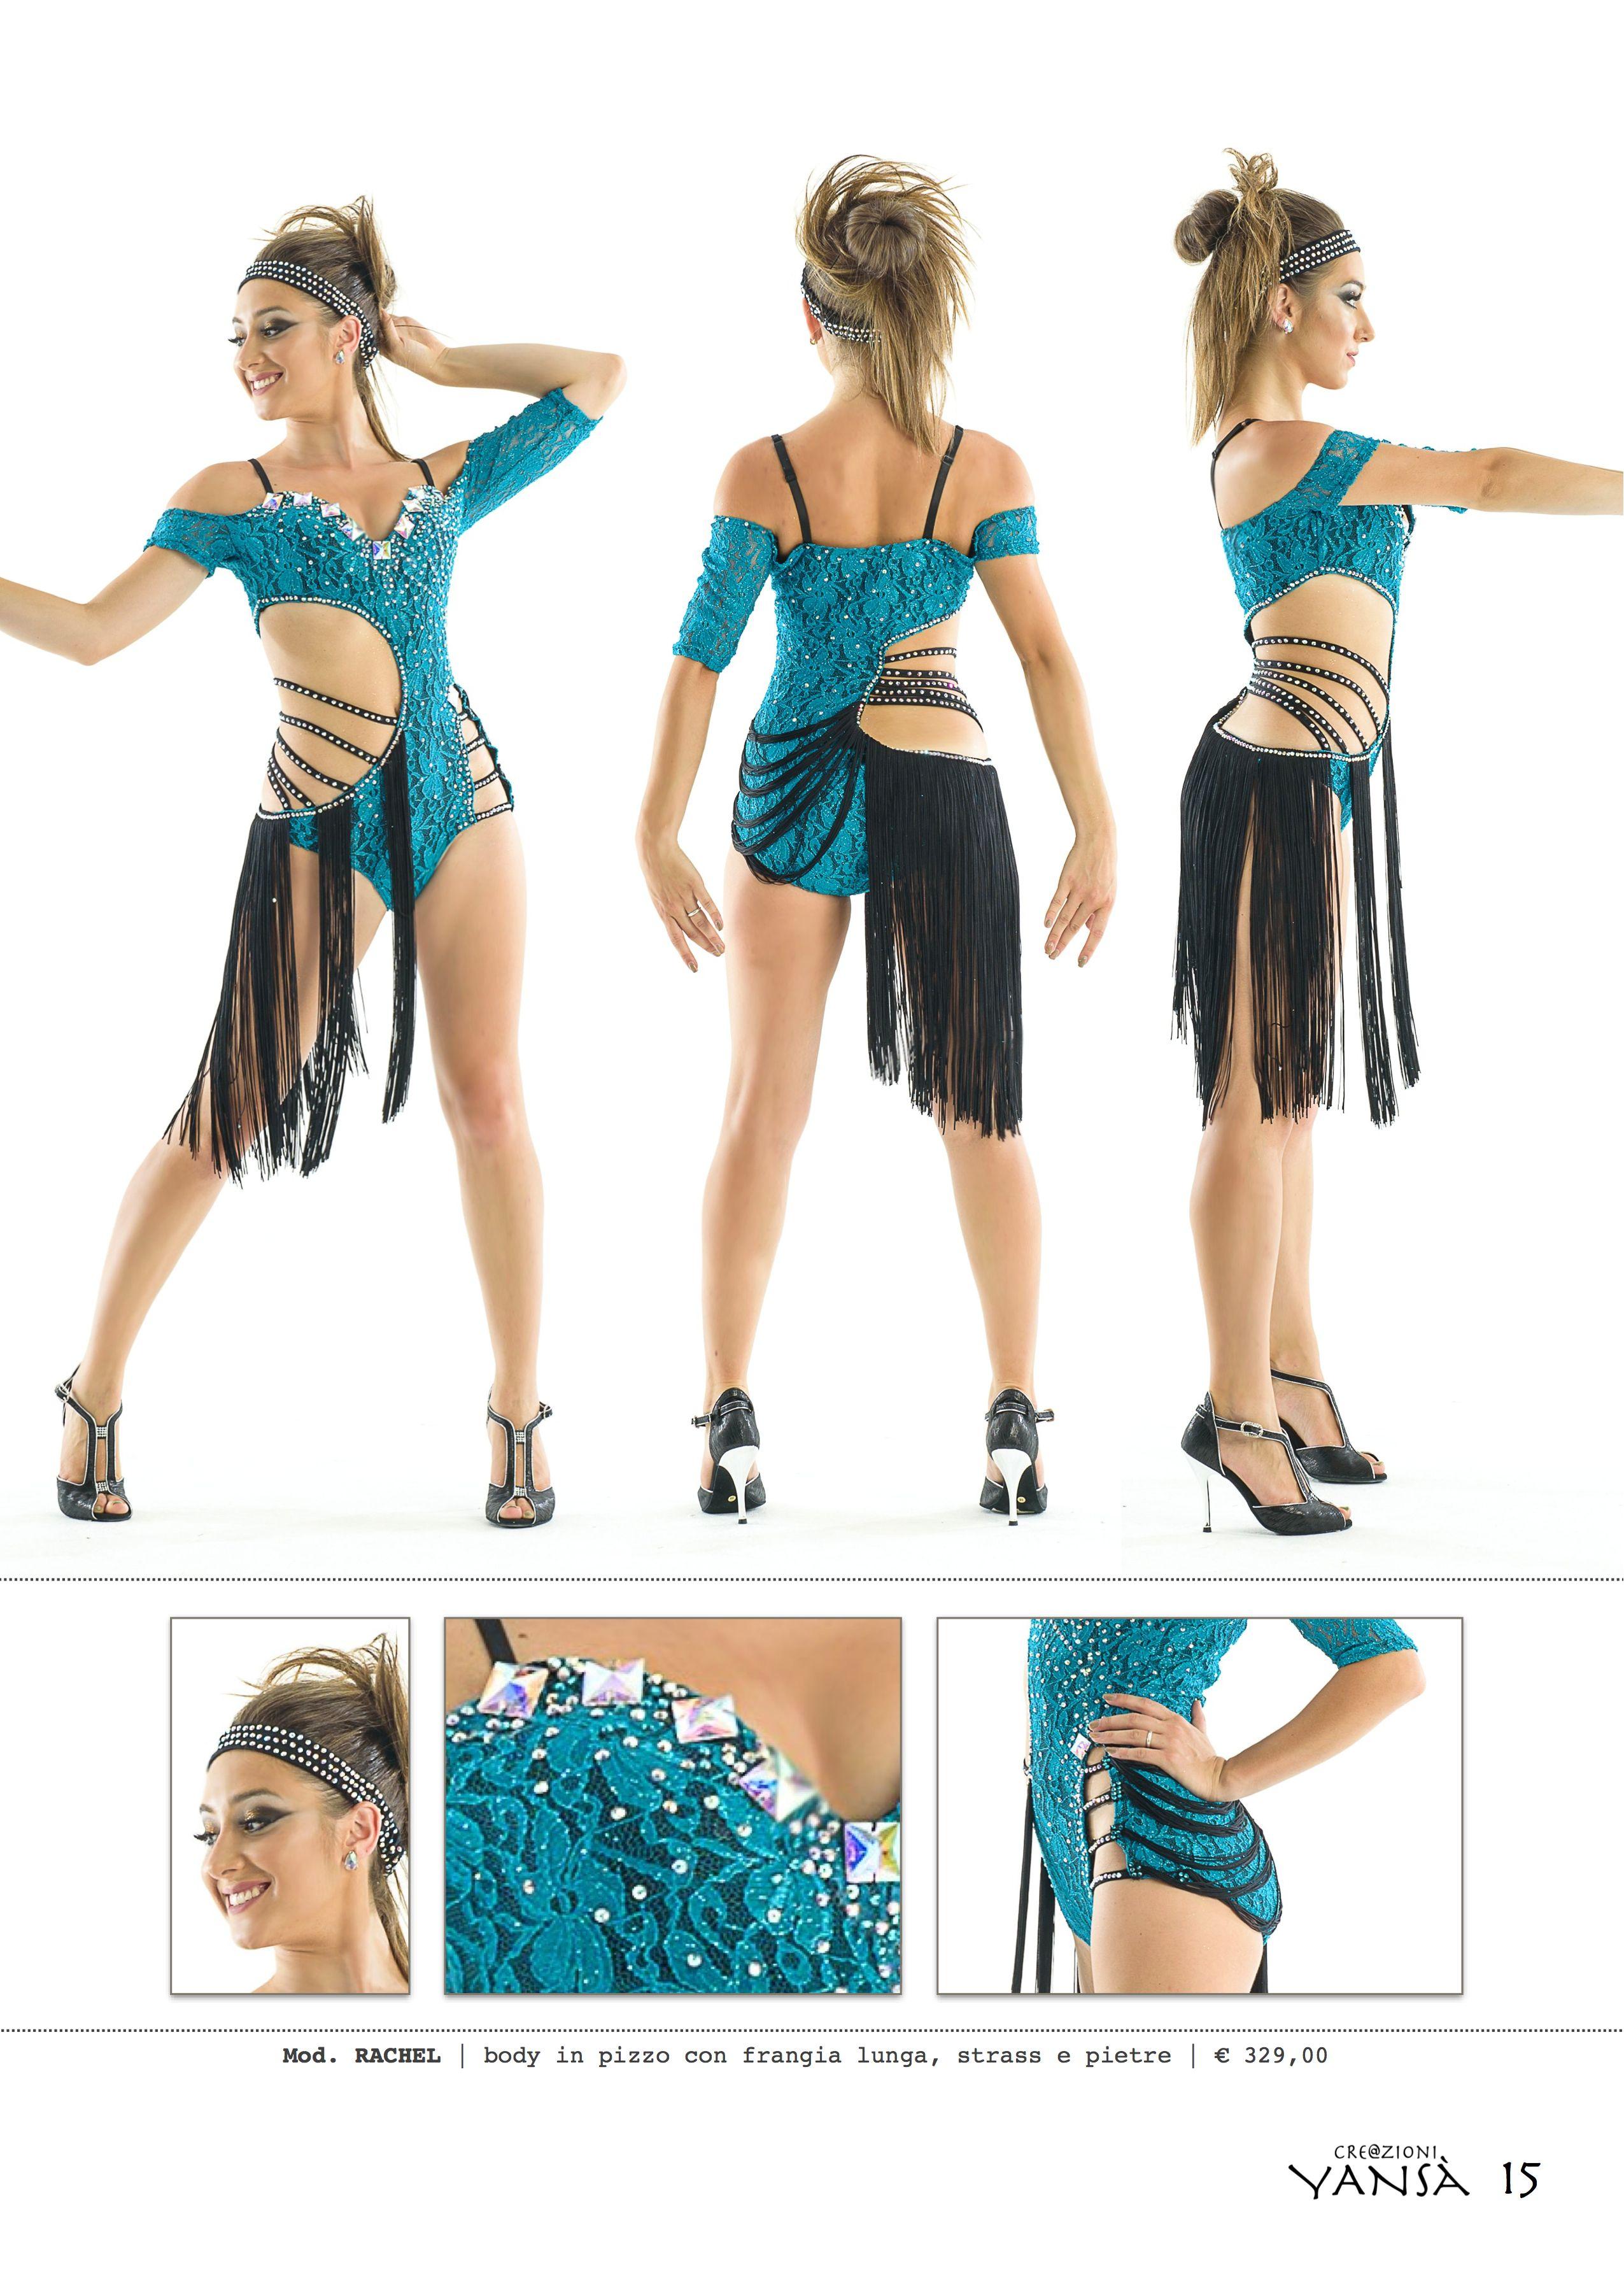 cde86f0601f0 Abito per il ballo caraibico. Abito made in Italy e su misura  www.creazioniyansa.it